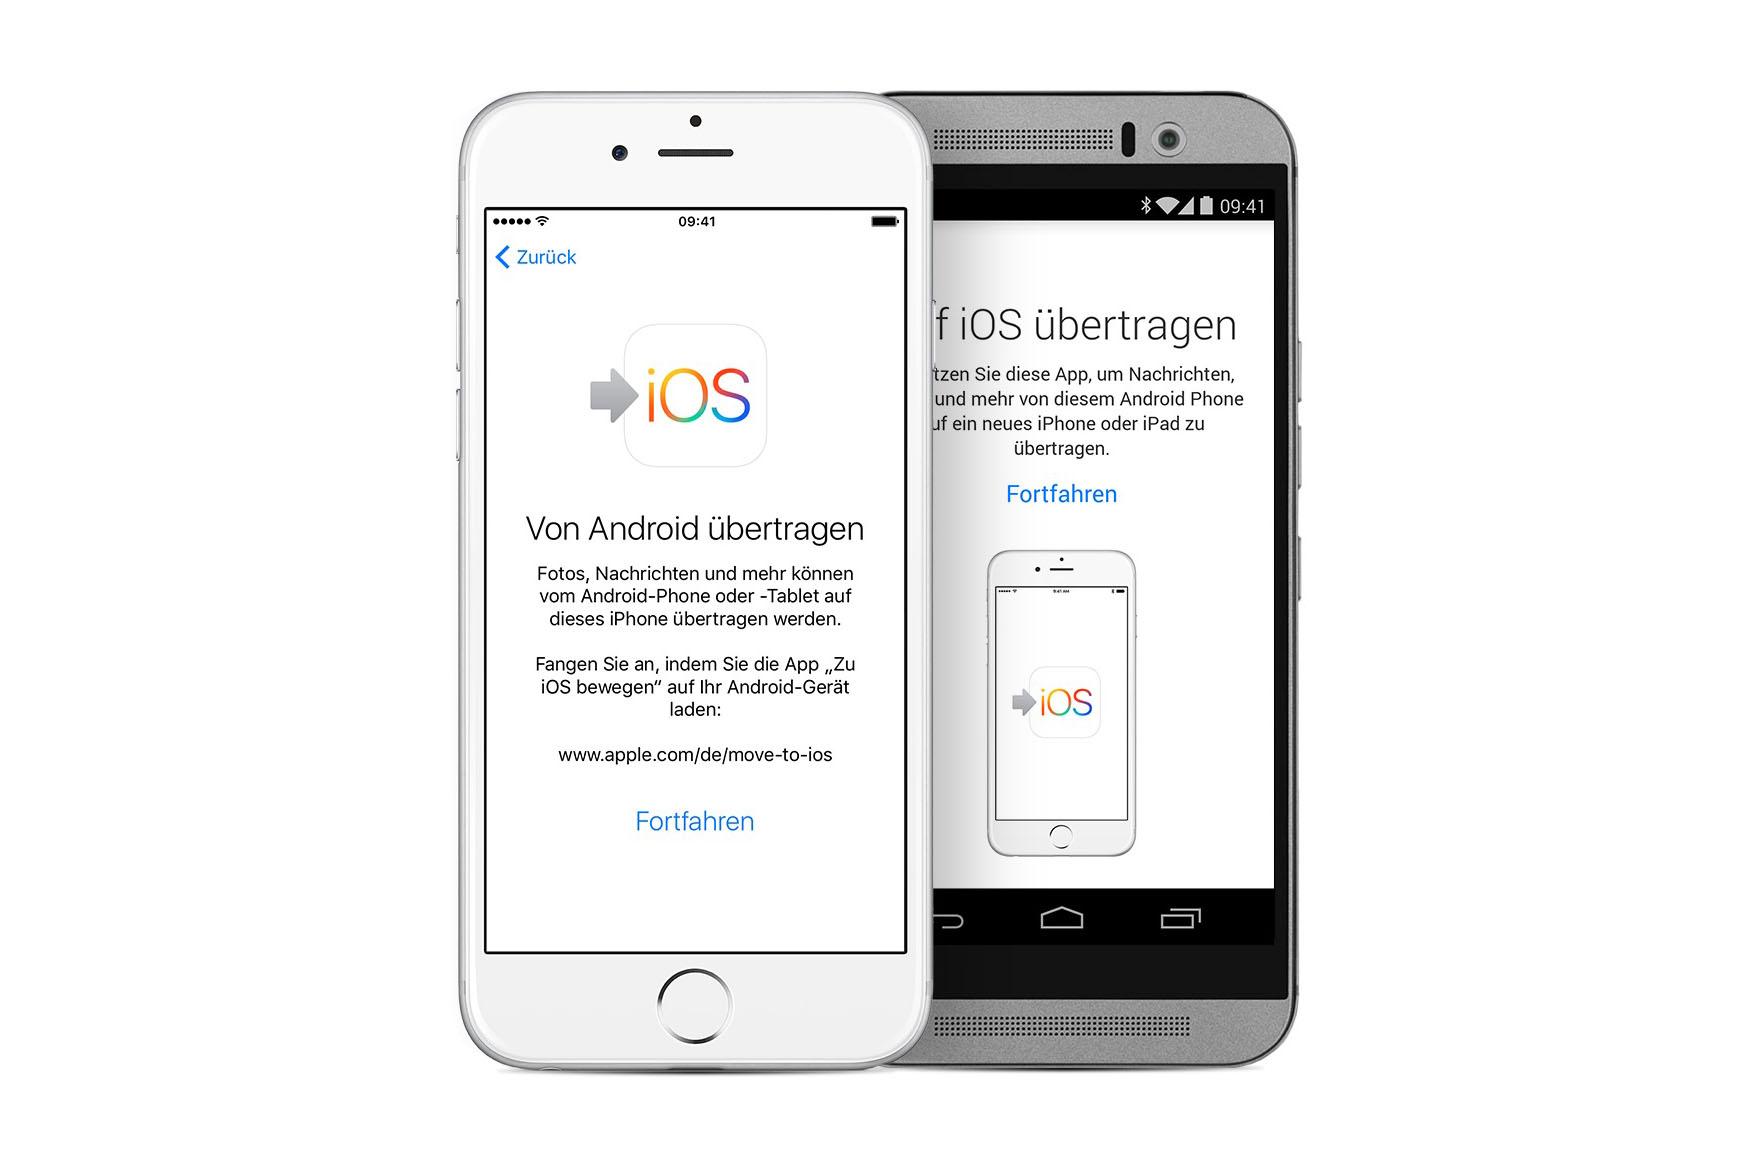 iphone daten von ios übertragen